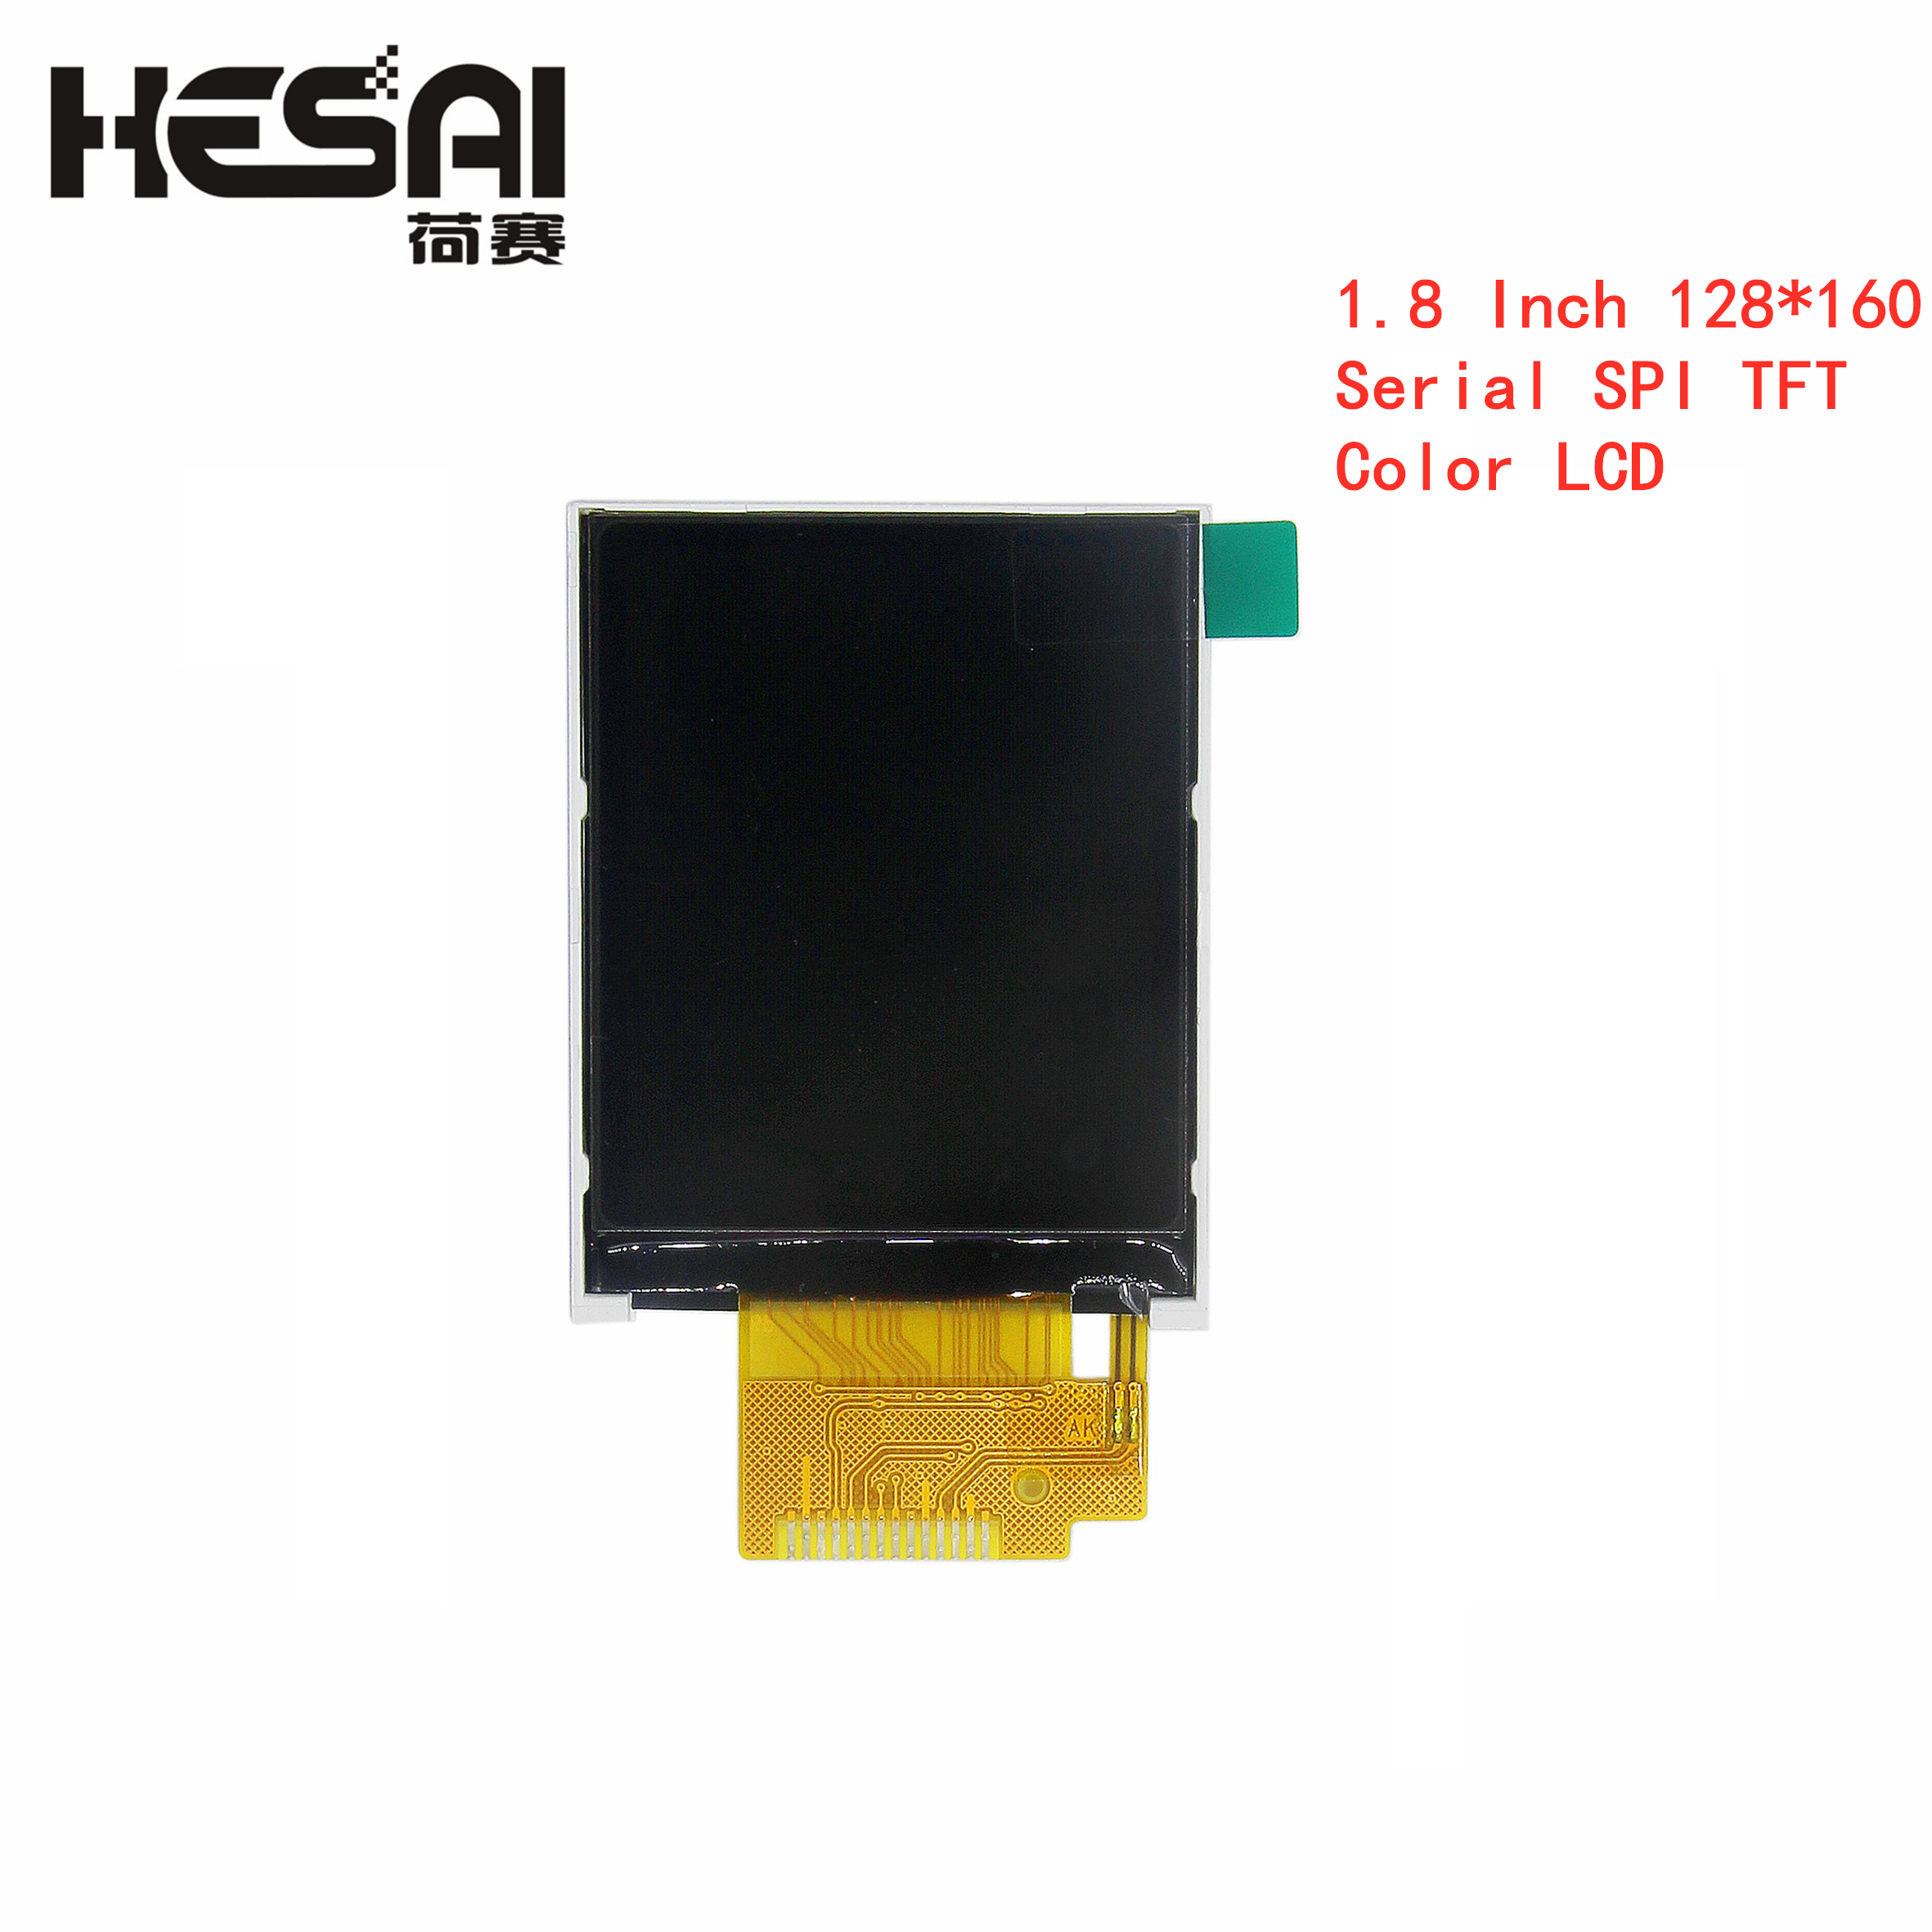 1,8 дюйма 128*160 серия SPI TFT цветной ЖК-модуль 128x160 дисплей ST7735 с SPI интерфейсом 5 IO портов для arduino Diy Kit